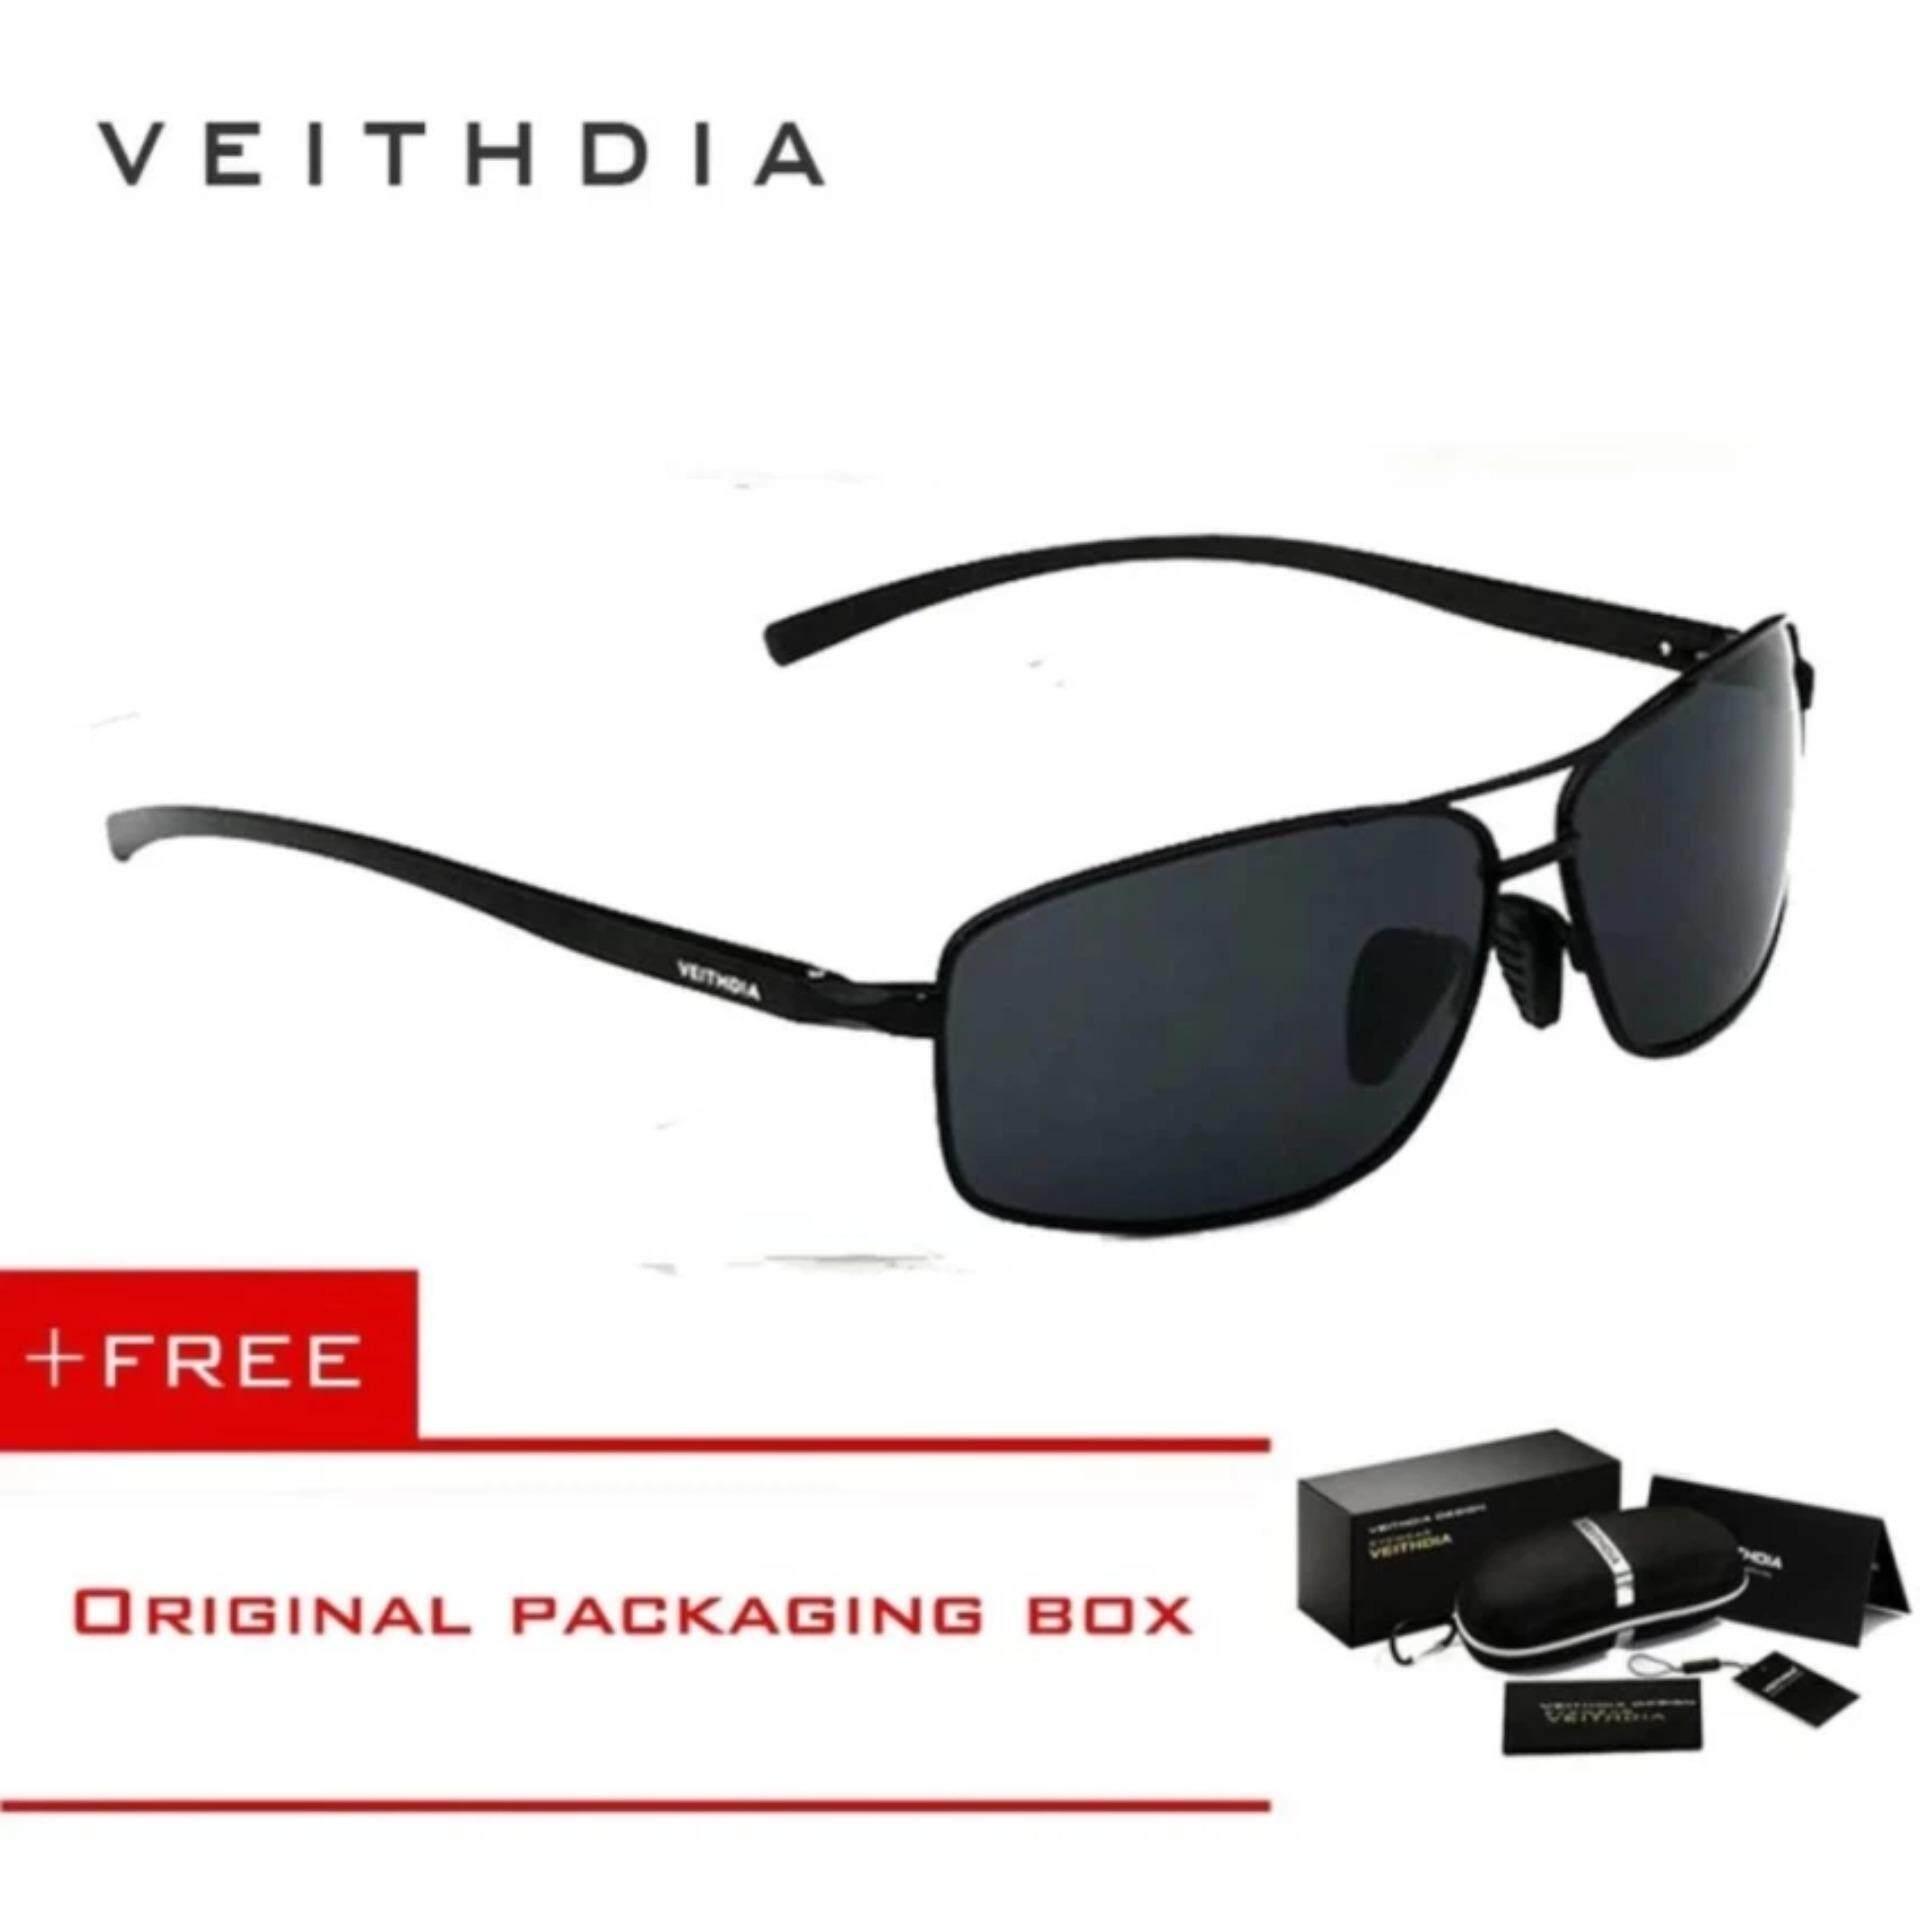 2f06e582c29 VEITHDIA Brand designer New Polarized Men s Sunglasses Aluminum Frame Sun  Glasses Driving Eyewear Accessories For Men driving 2458(Black)